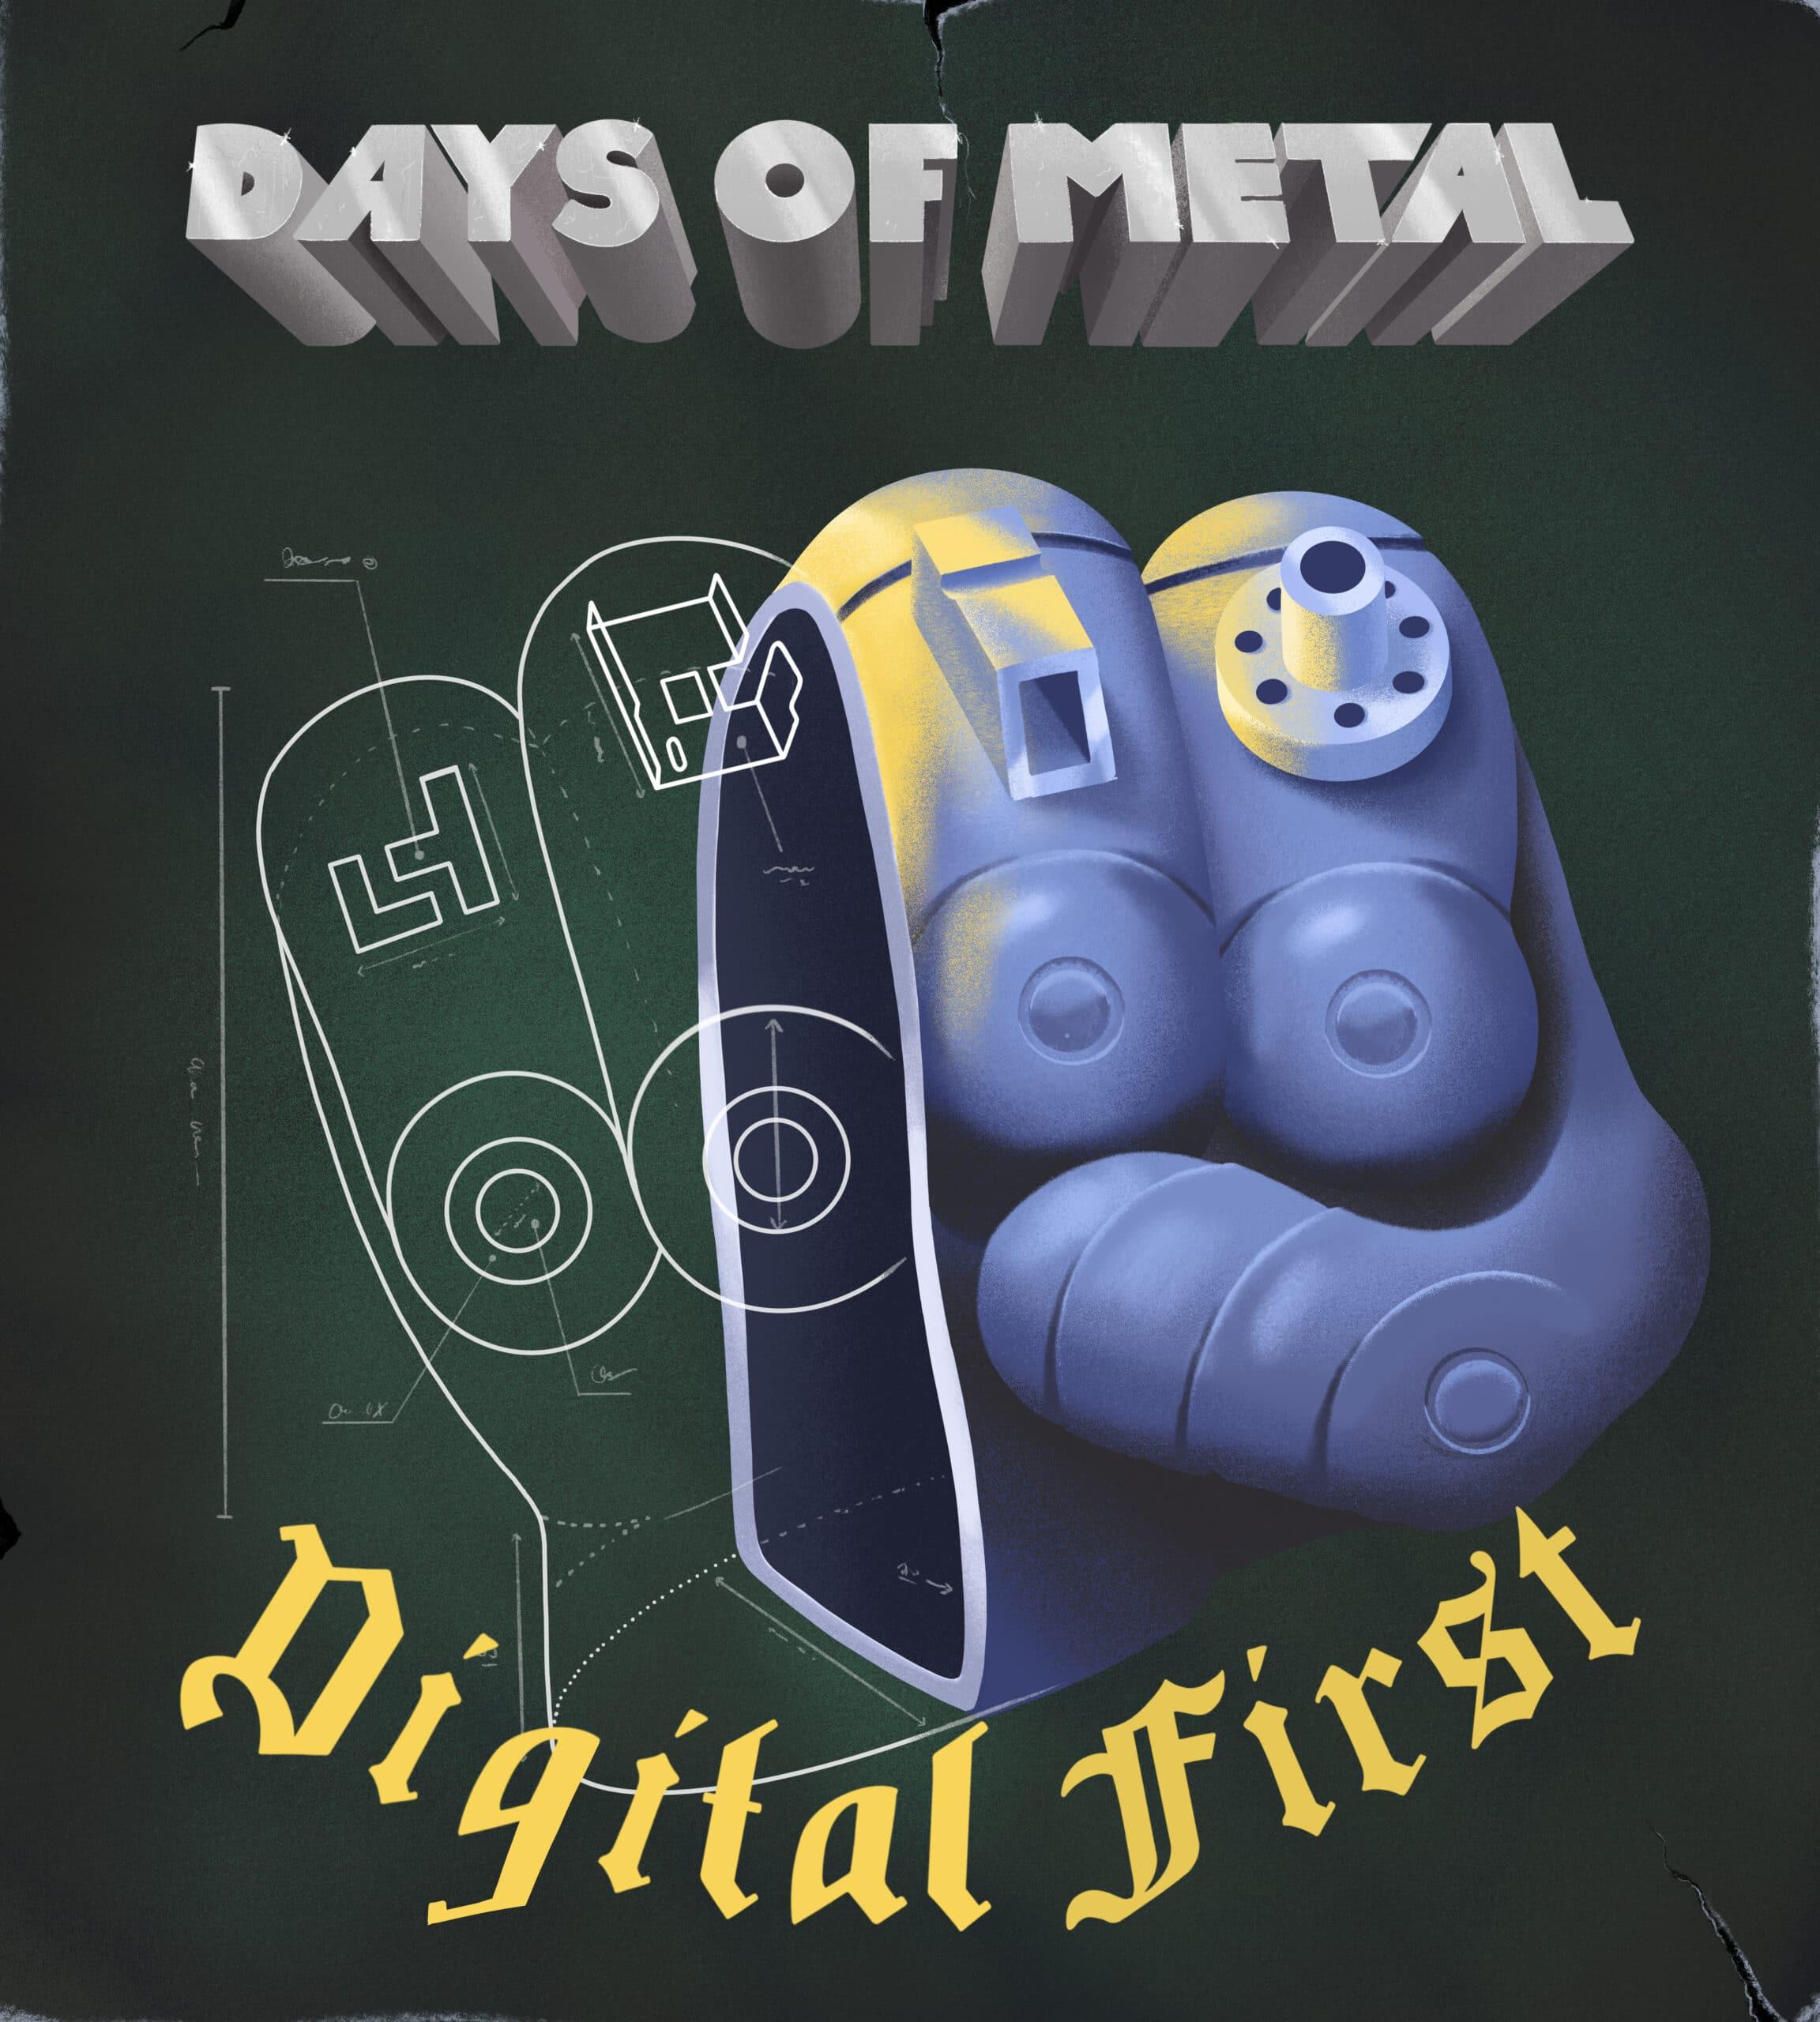 Illustration zu den Days of Metal im Stile eines Albumcovers